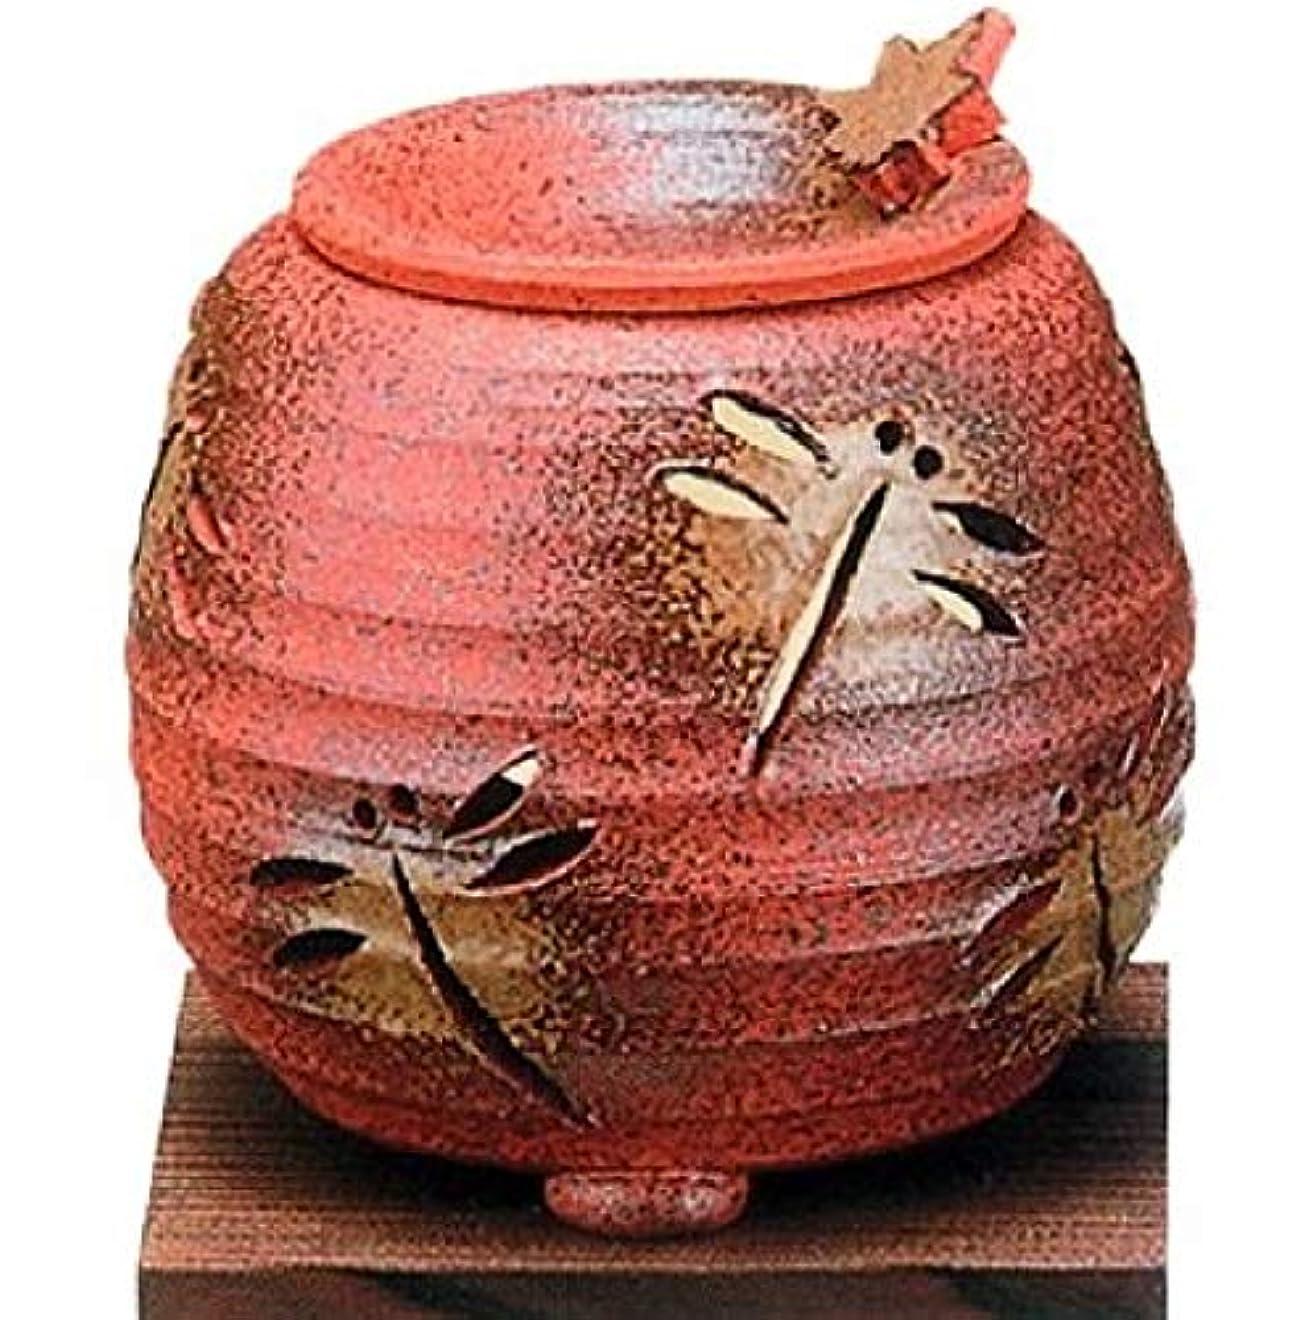 鉛筆取得クッション【常滑焼】石龍 焼〆千段トンボ茶香炉   千段トンボ透かし  φ11×H11㎝ 3-830